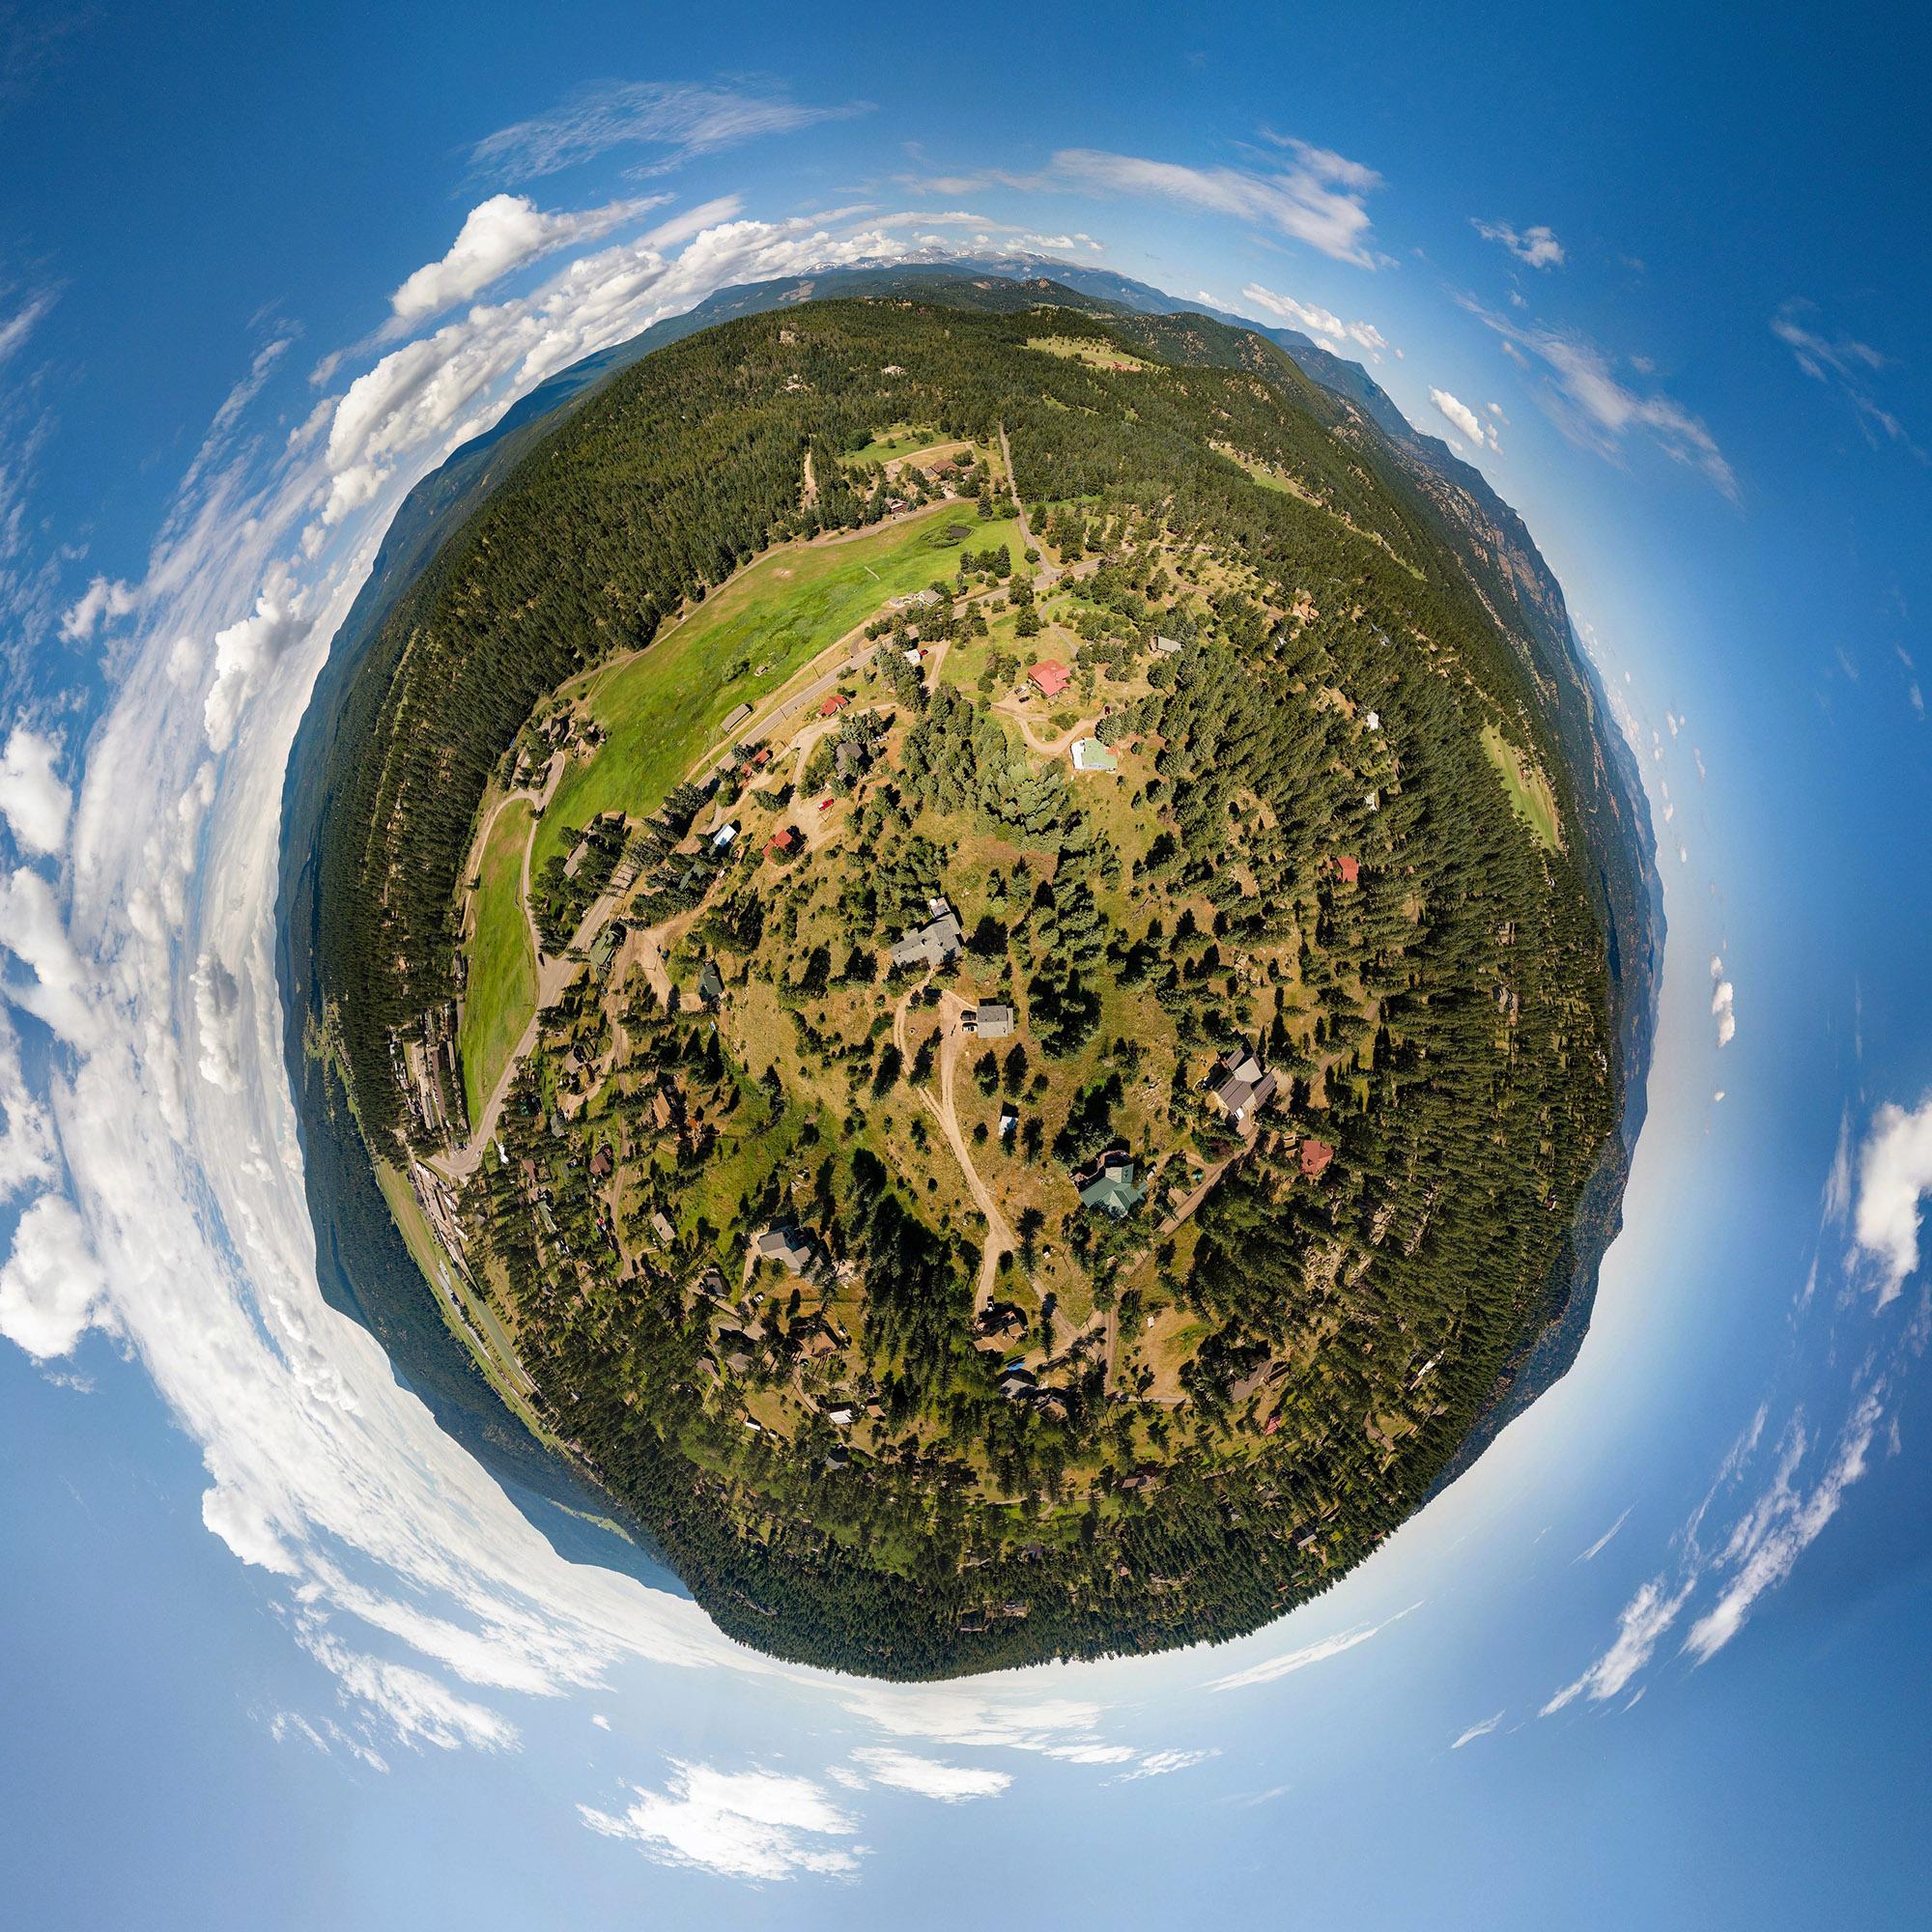 Aerial-360-tiny-planet-panorama-01.jpg